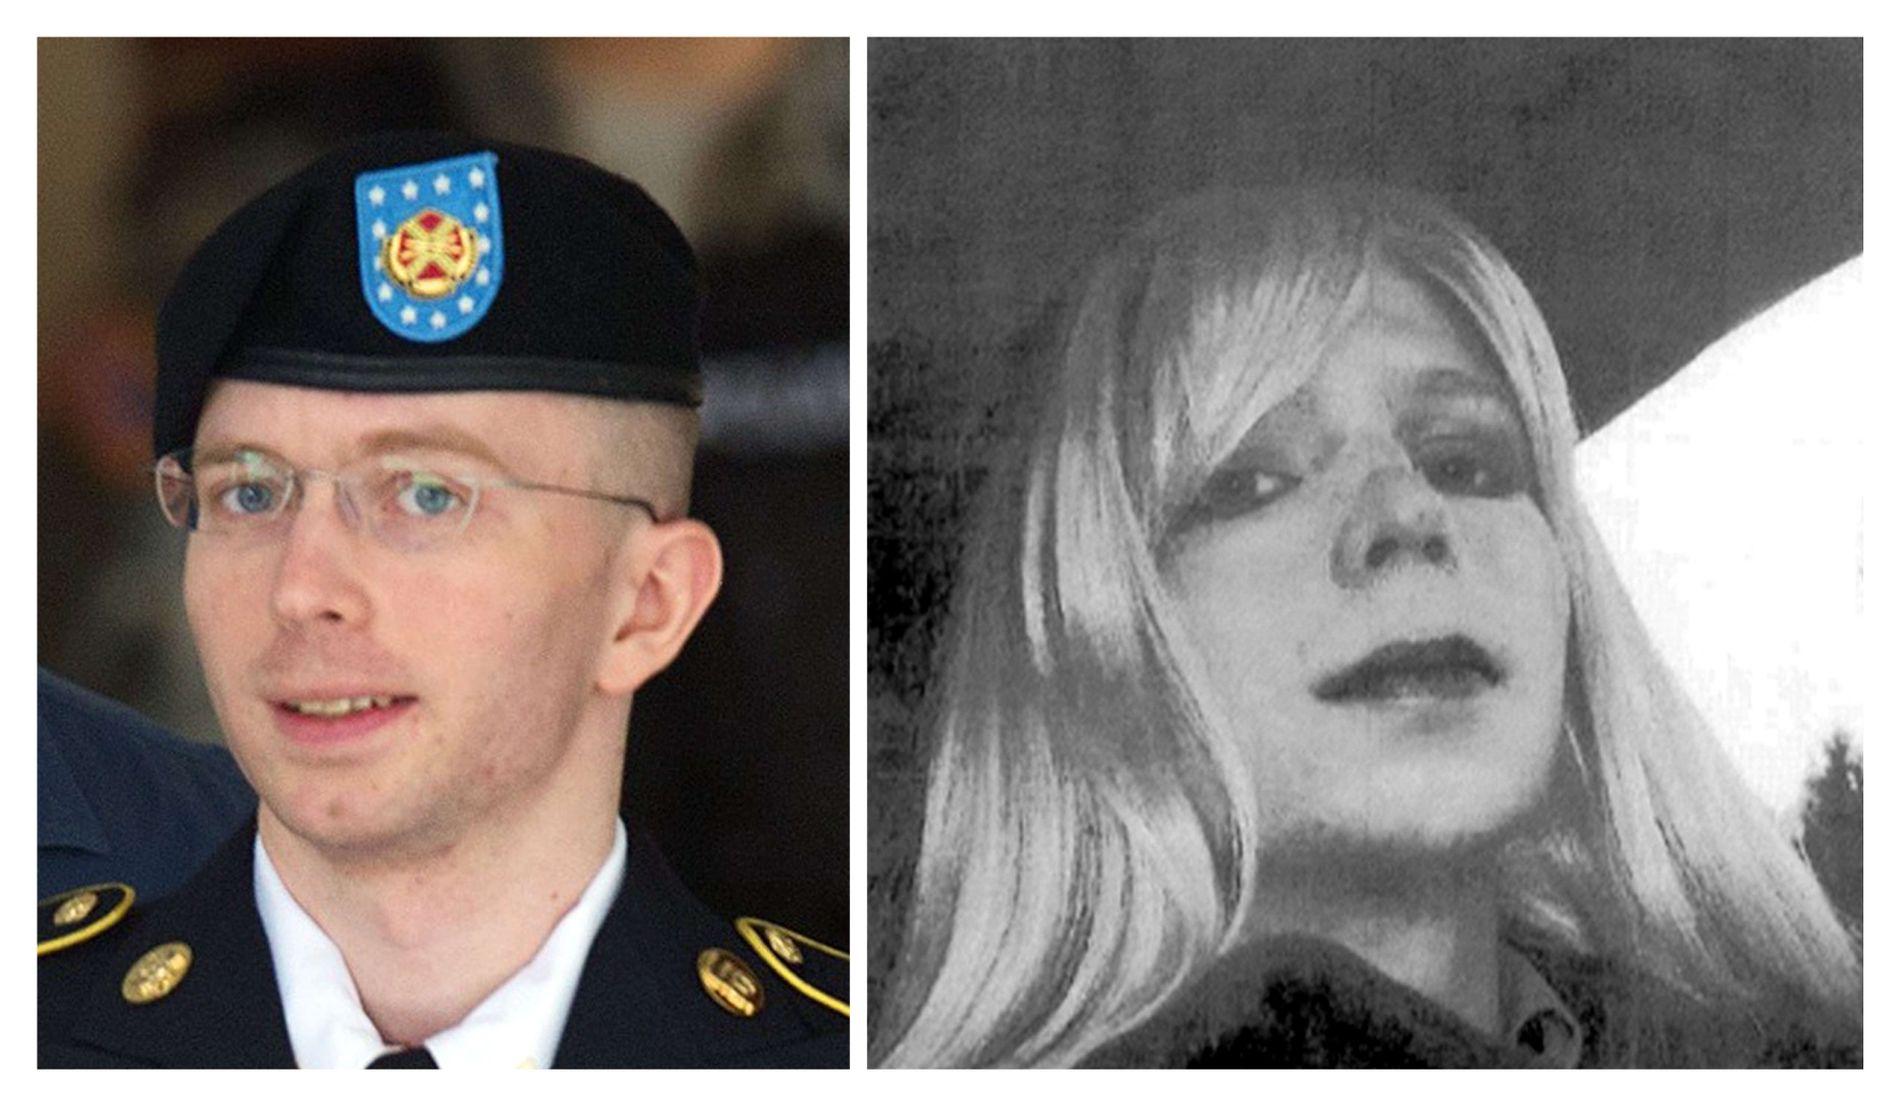 ENDELIG: – For første gang kan jeg se for meg en fremtid som Chelsea. Nå kan tenke meg muligheten av å leve som den personen jeg er - og kan endelig leve et liv i verden utenfor, heter det i en uttalelse fra Chelsea Manning, tidligere Bradley Manning (t.v).